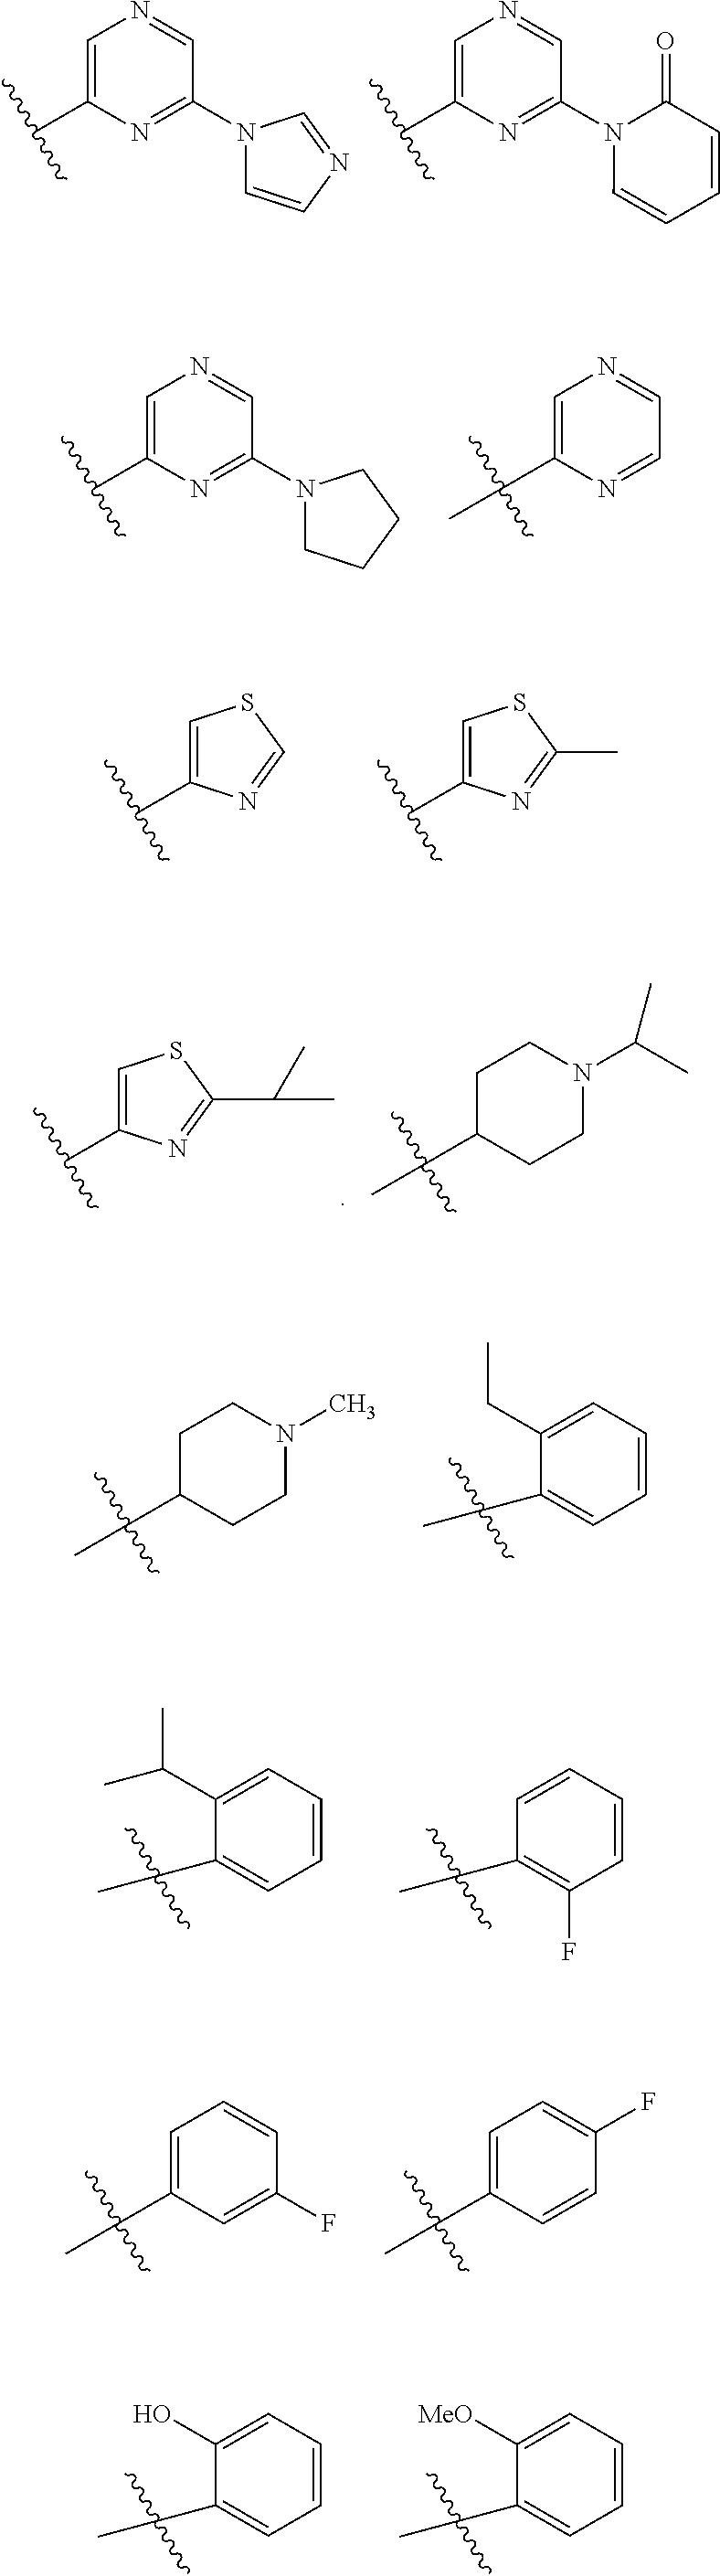 Figure US09216982-20151222-C00027